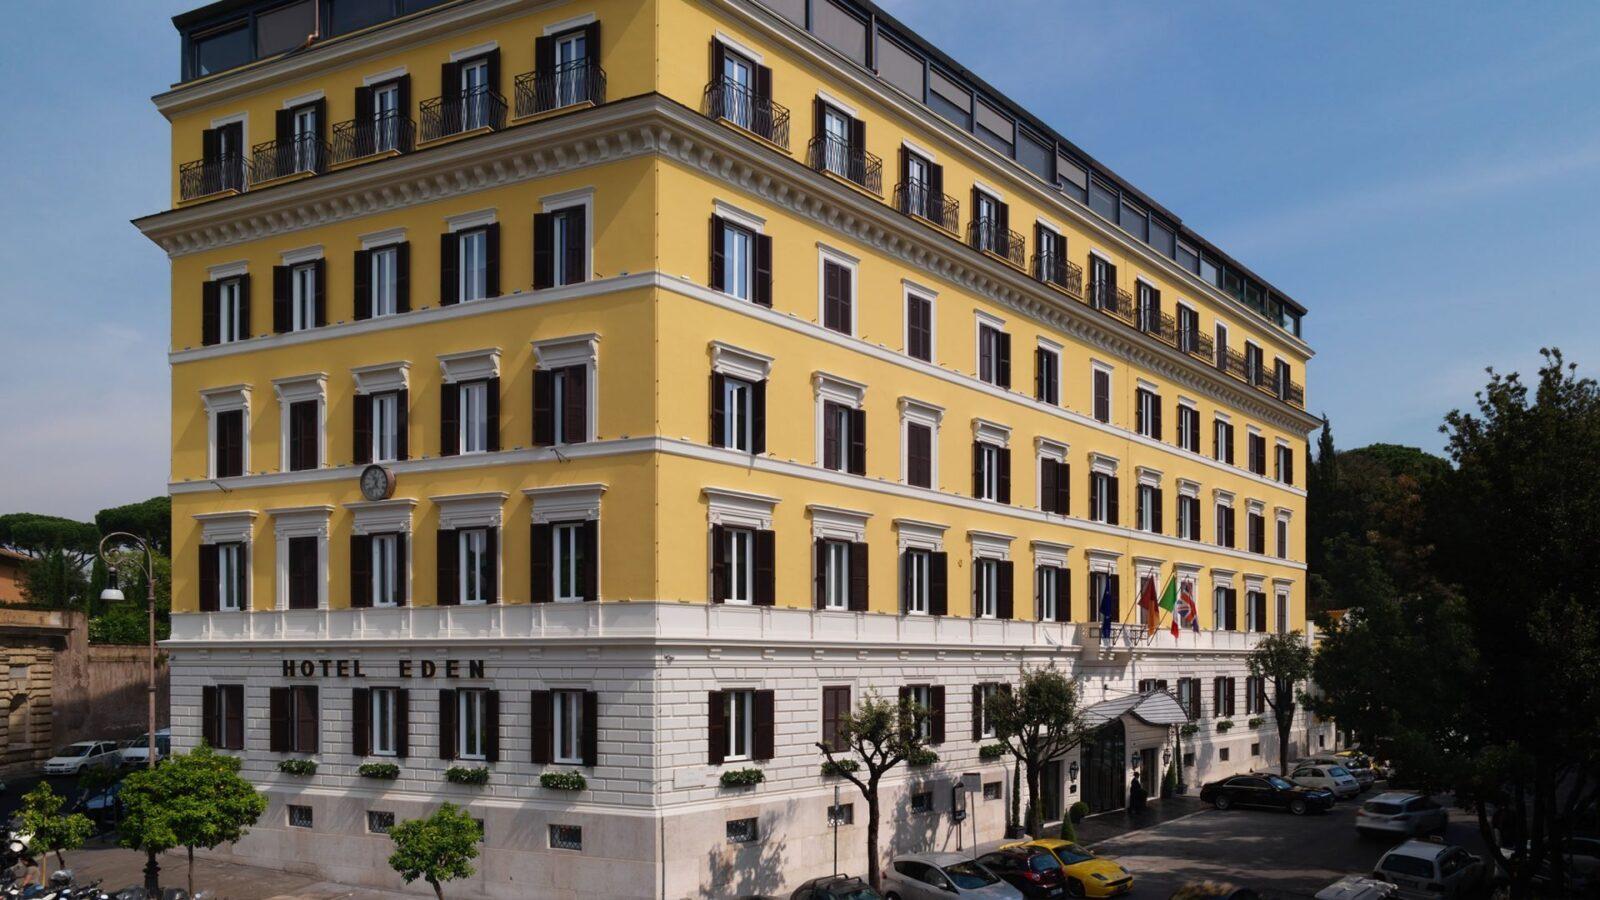 Sala ludovisi dorchester collection - Hotel eden en roma ...